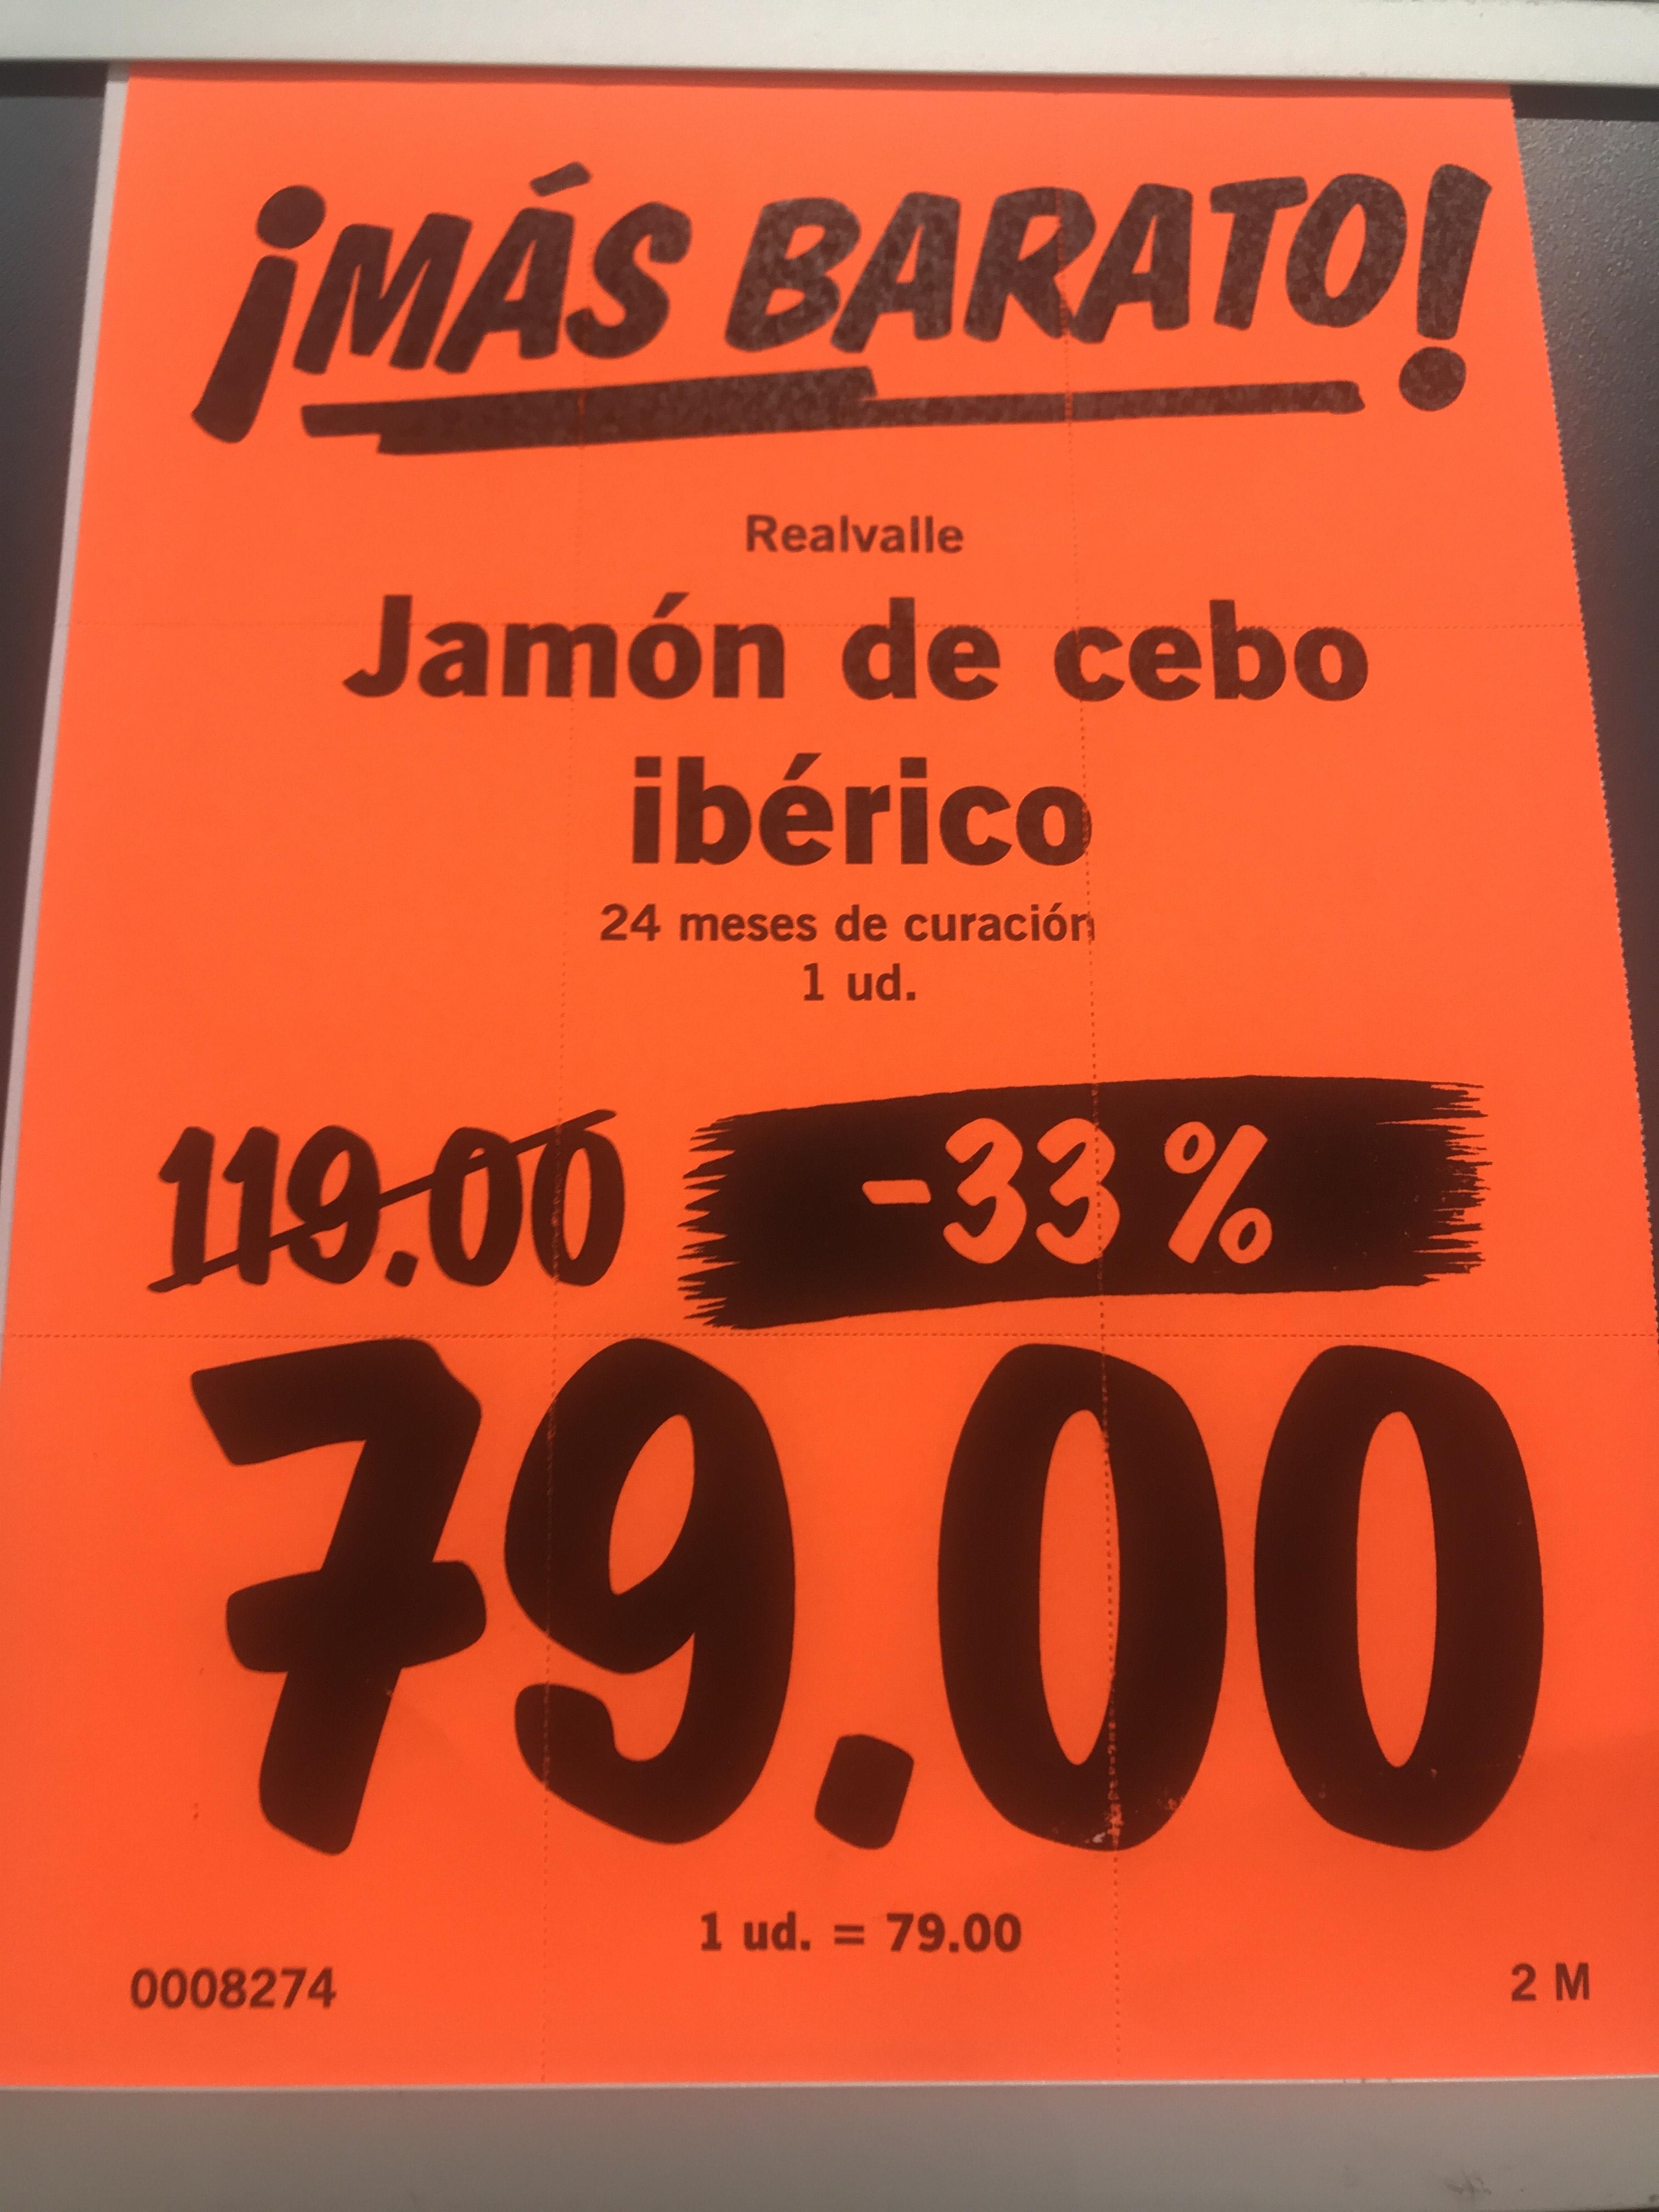 Jamón de cebo ibérico 50% Lidl Fuencarral (Madrid)